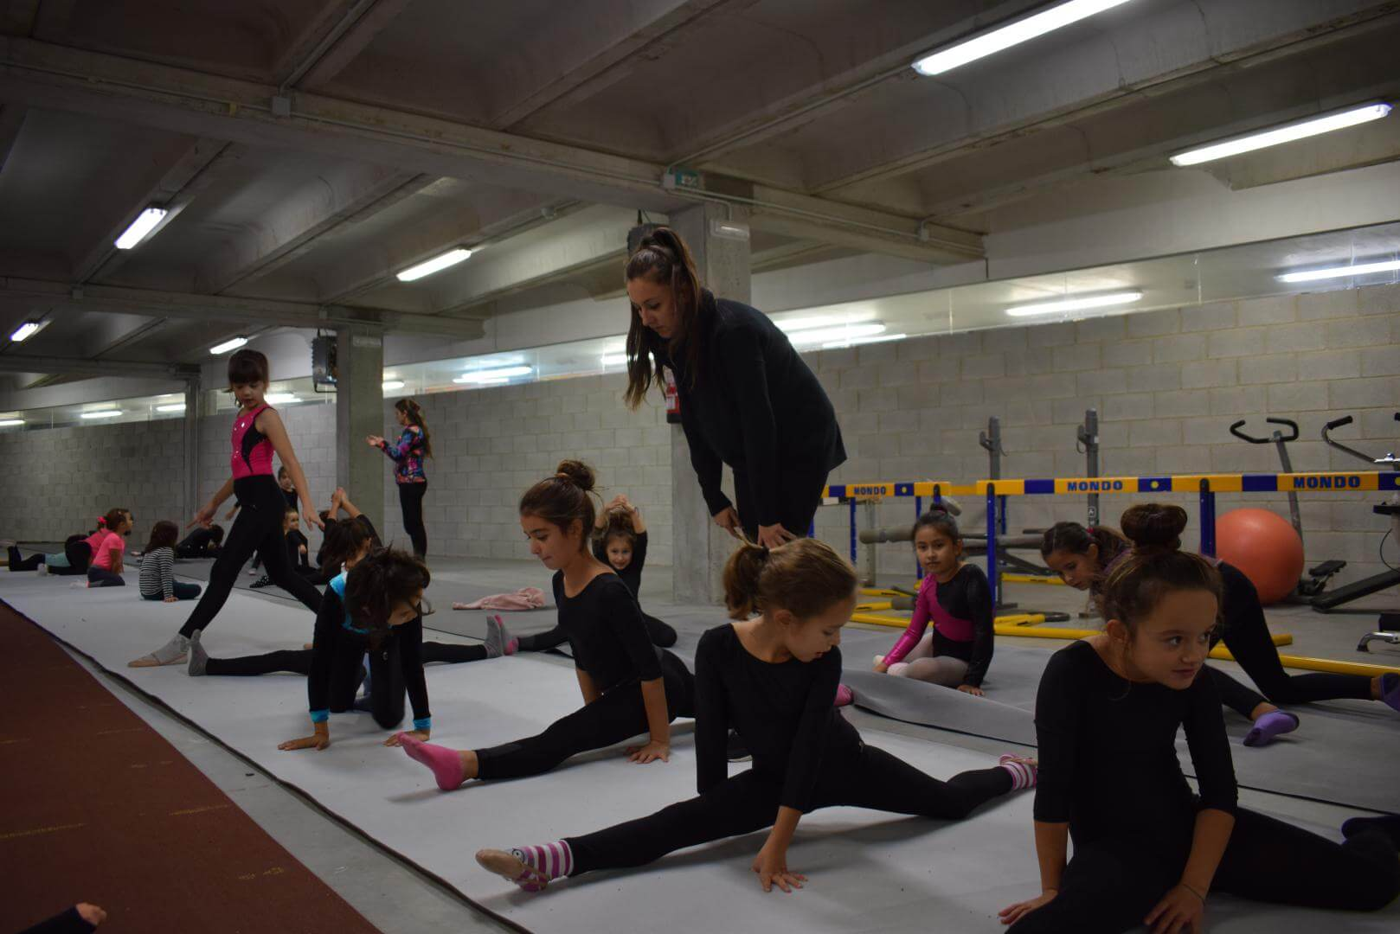 La gimnasia rítmica desembarca con ganas en Haro 3